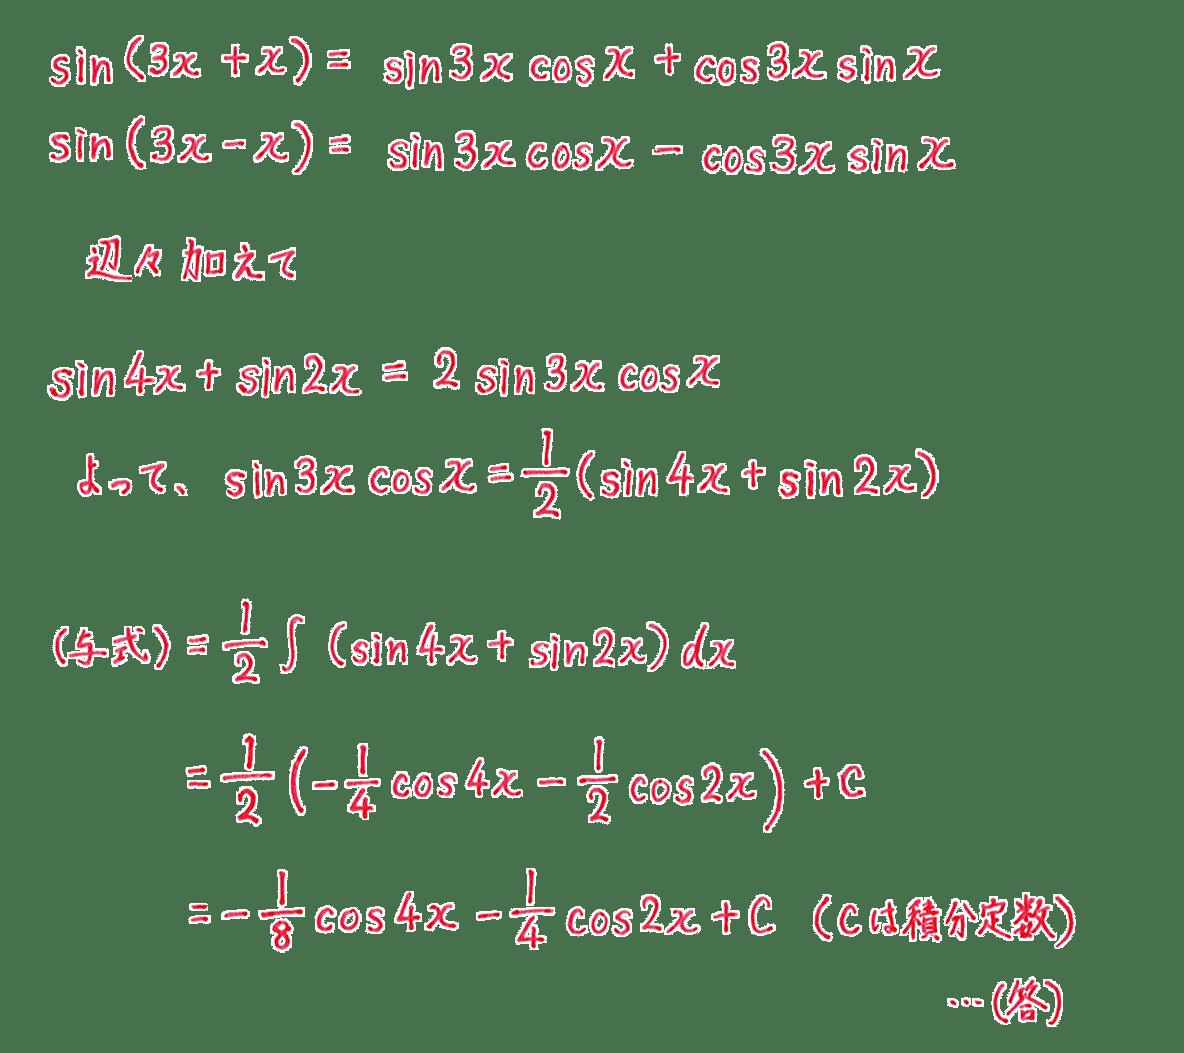 積分法とその応用22 問題 答え